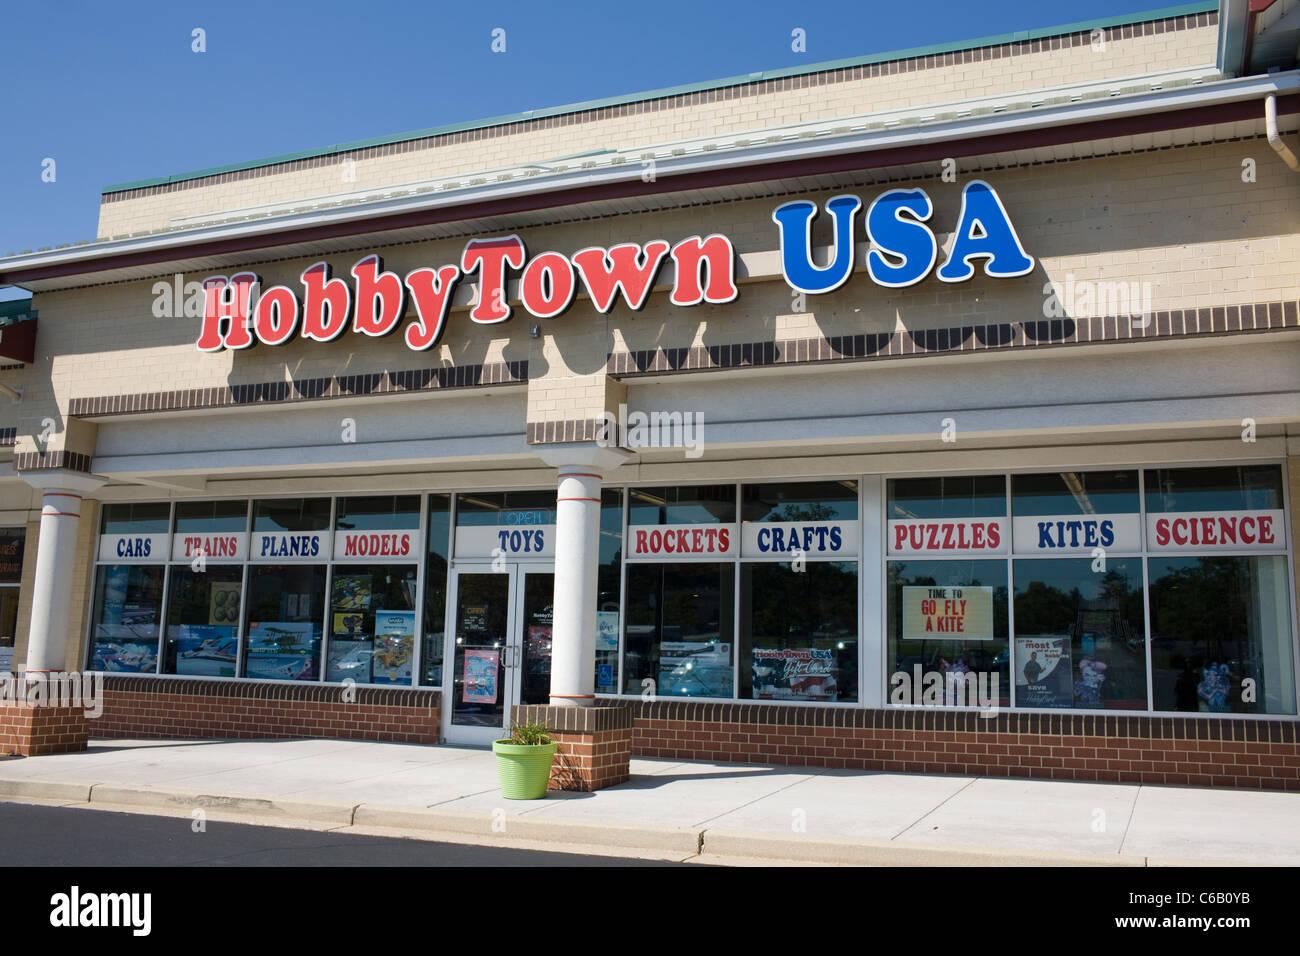 HobbyTown USA Franchise est un grand passe-temps et toy store Photo Stock